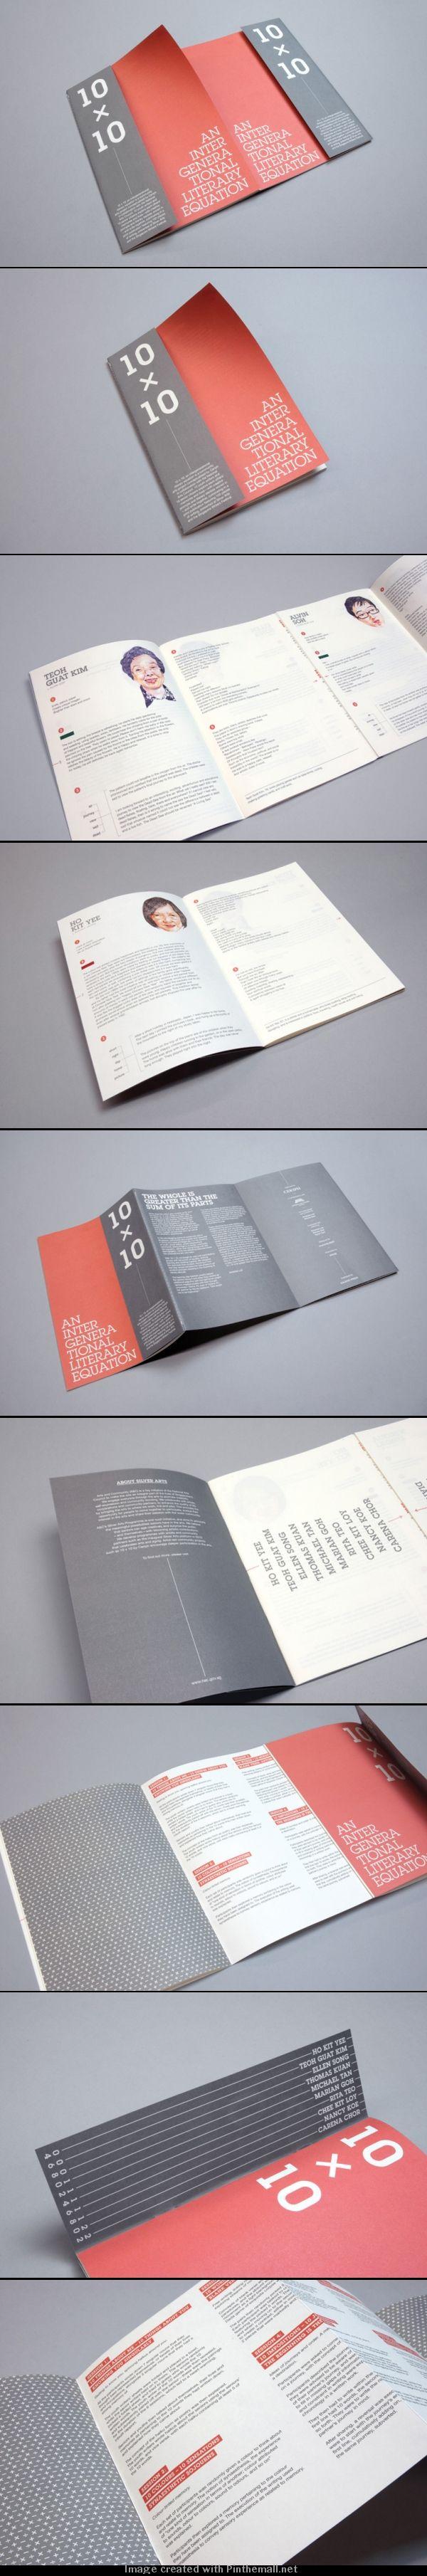 National Arts Council by Winnie Wu (studioKALEIDO)